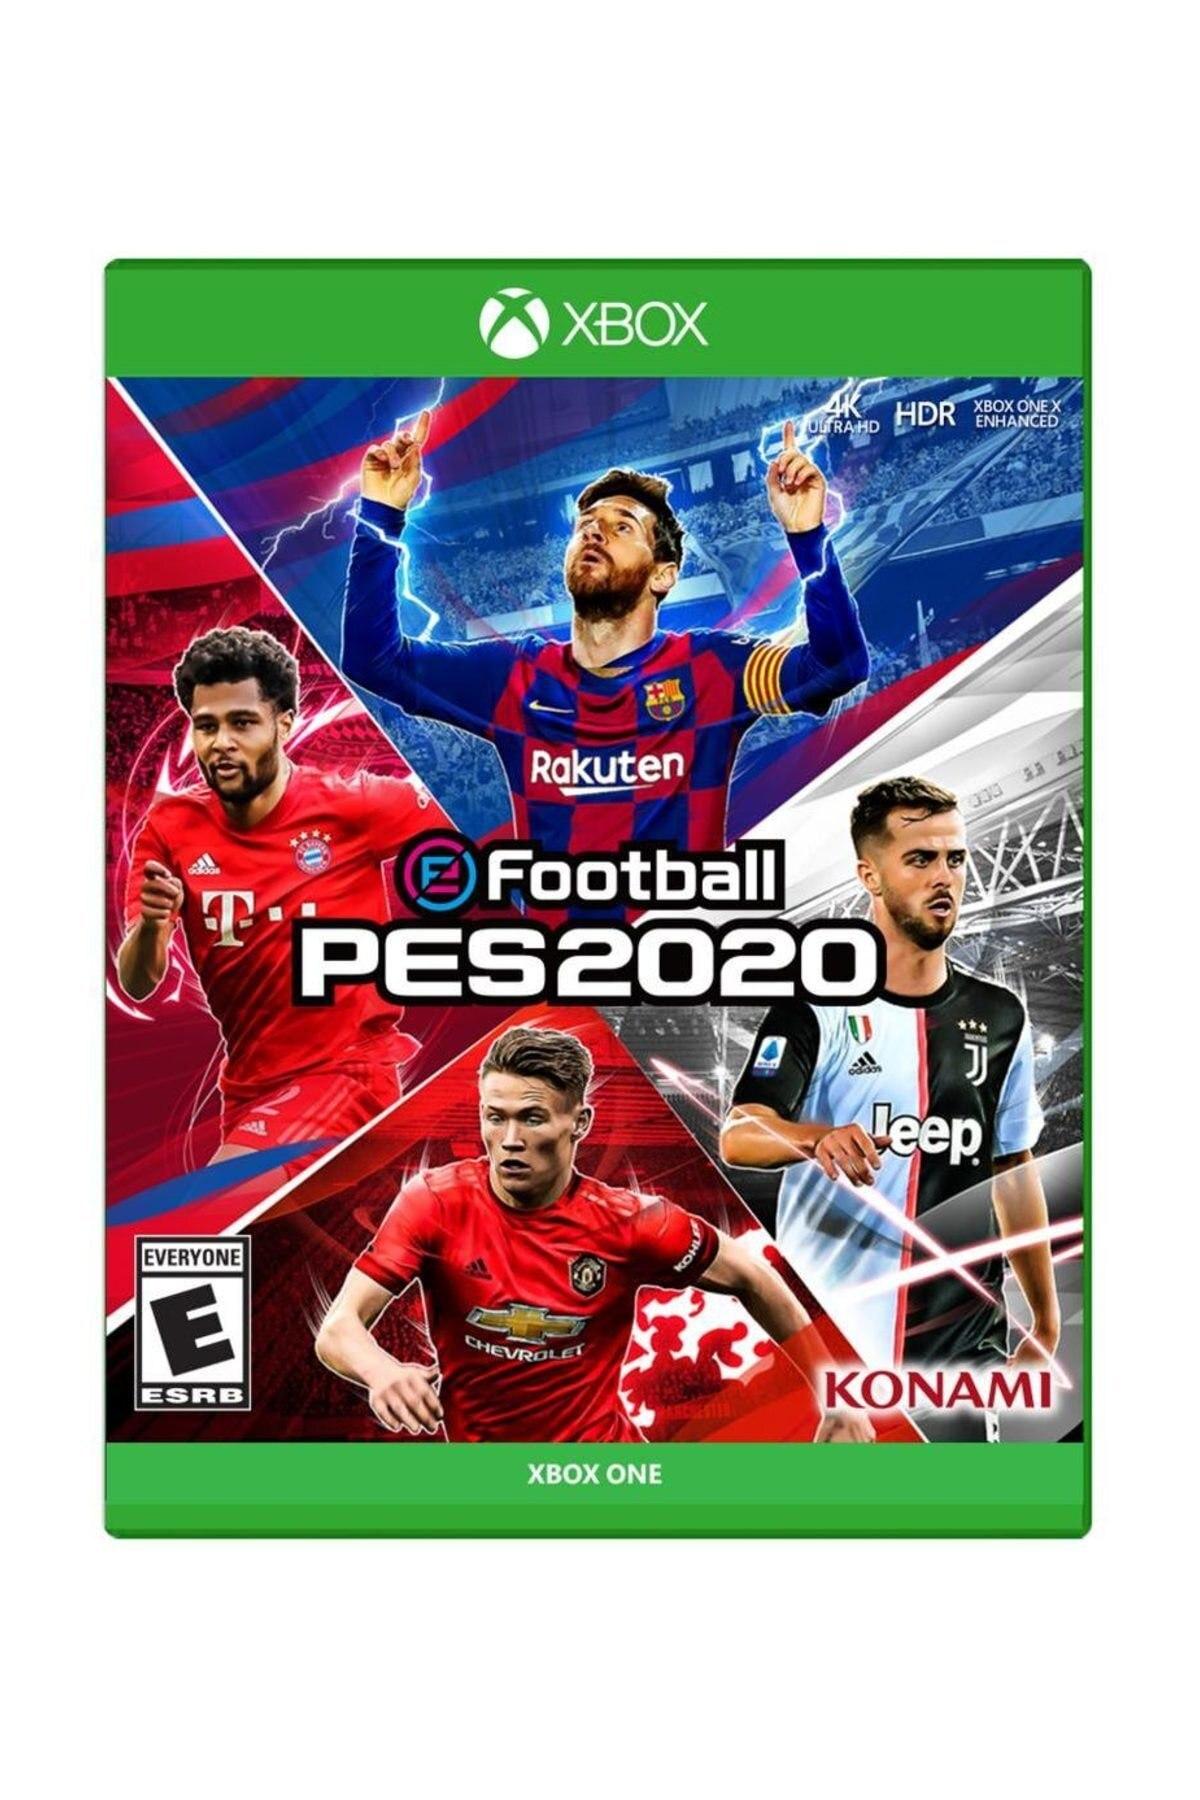 KONAMI Pes 2020 Xbox One Game